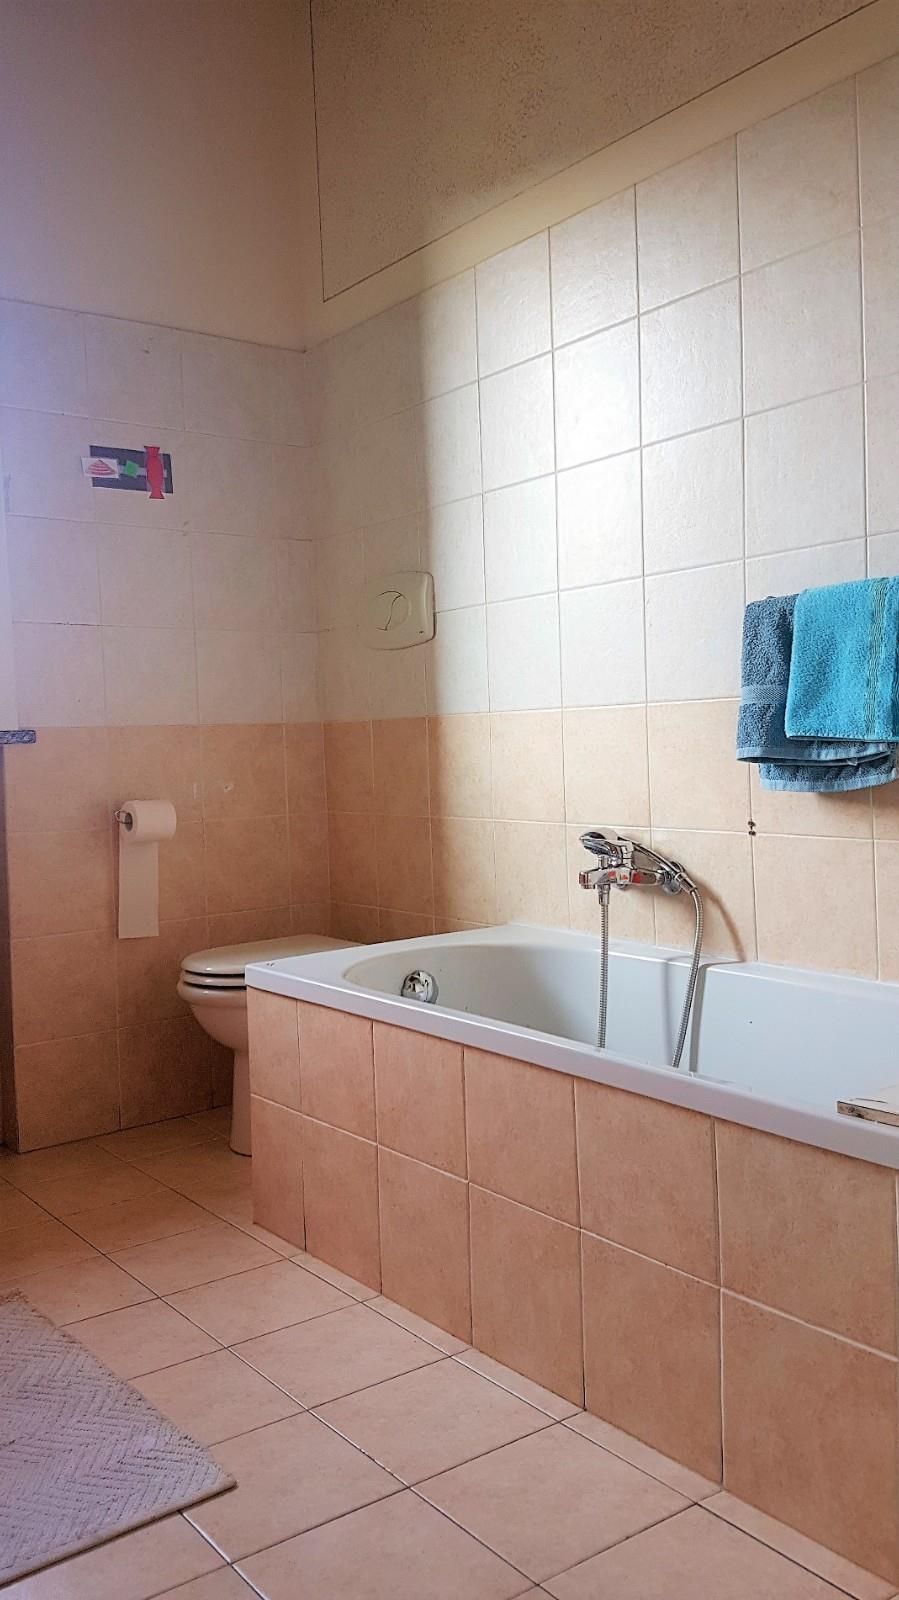 Foto 9 - Appartamento in Vendita - Verano Brianza (Monza e Brianza)